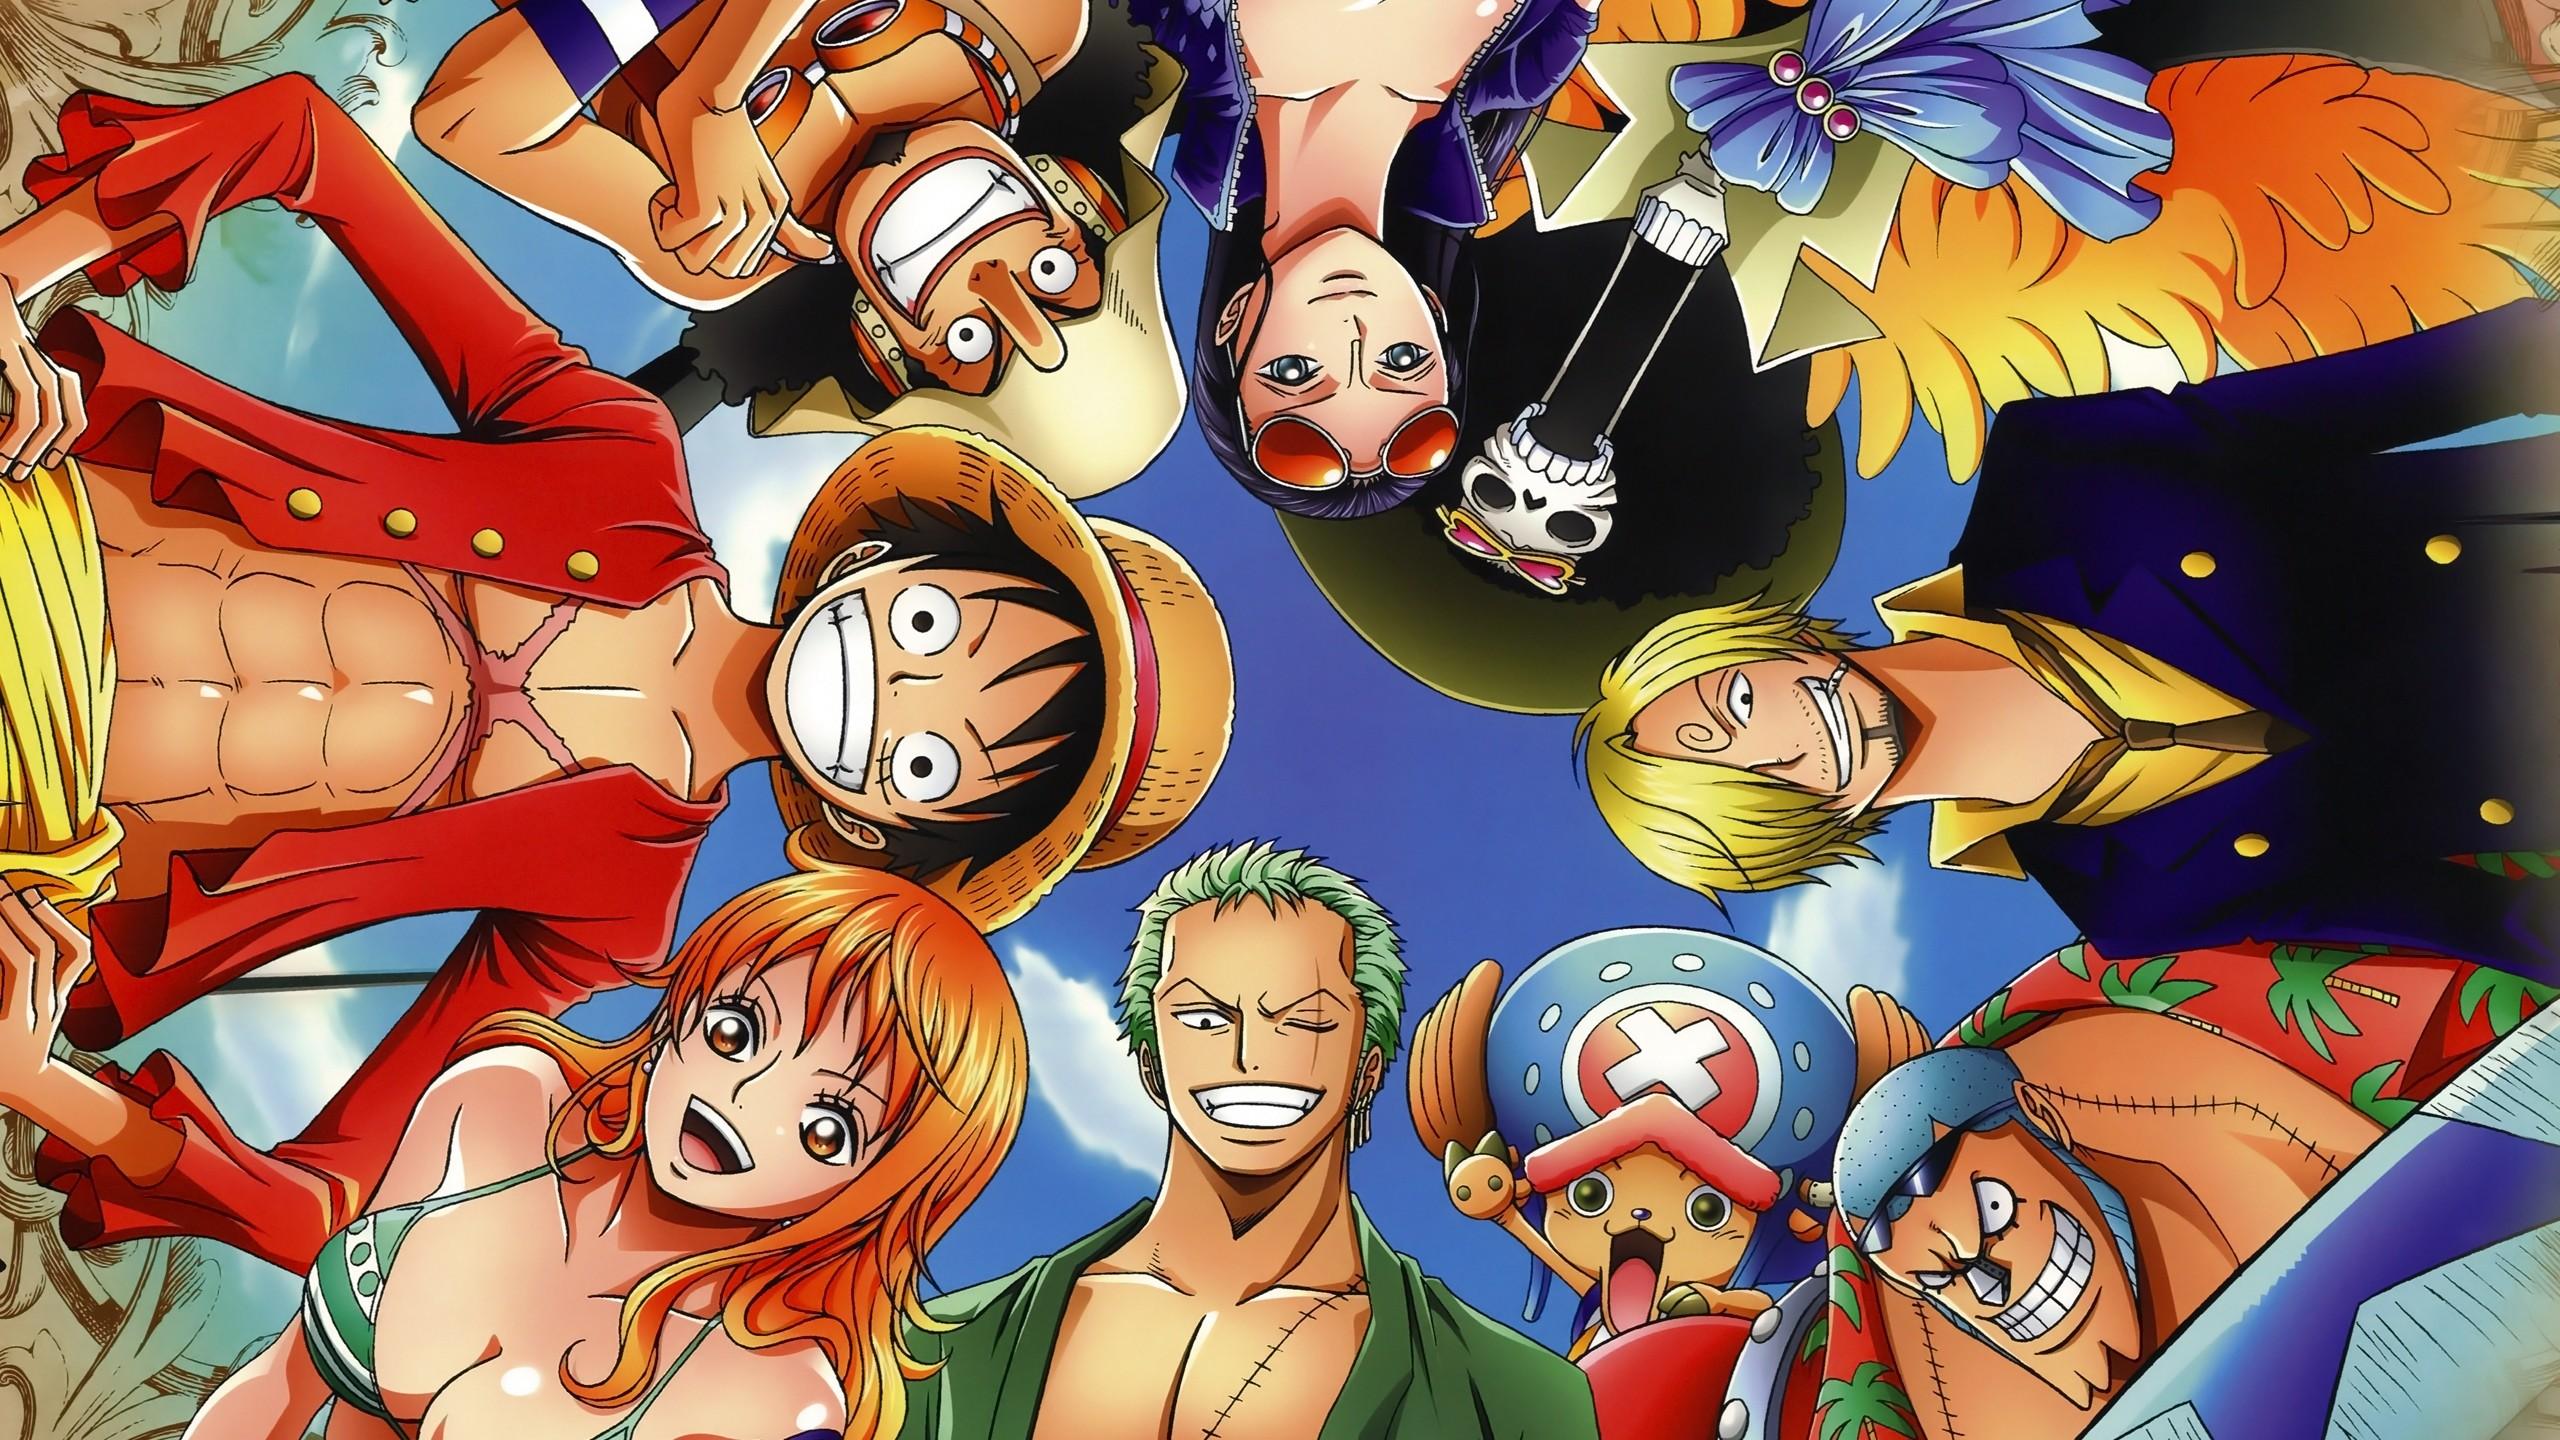 Res: 2560x1440, Anime - One Piece Franky (One Piece) Nami (One Piece) Zoro Roronoa